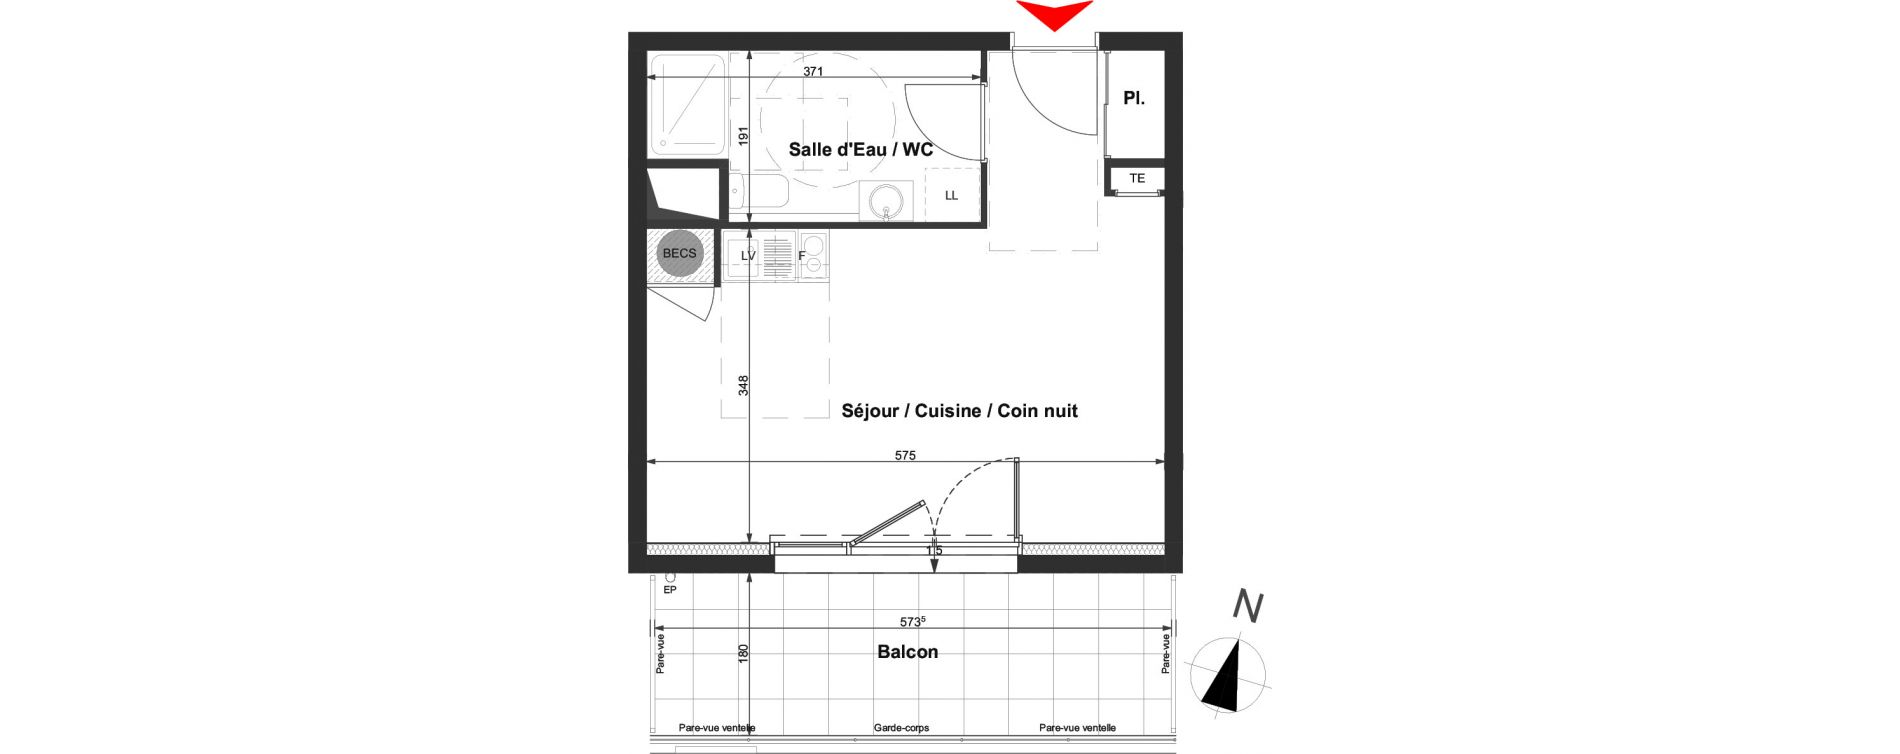 Appartement T1 de 30,03 m2 à La Roche-Sur-Yon La vigne aux roses